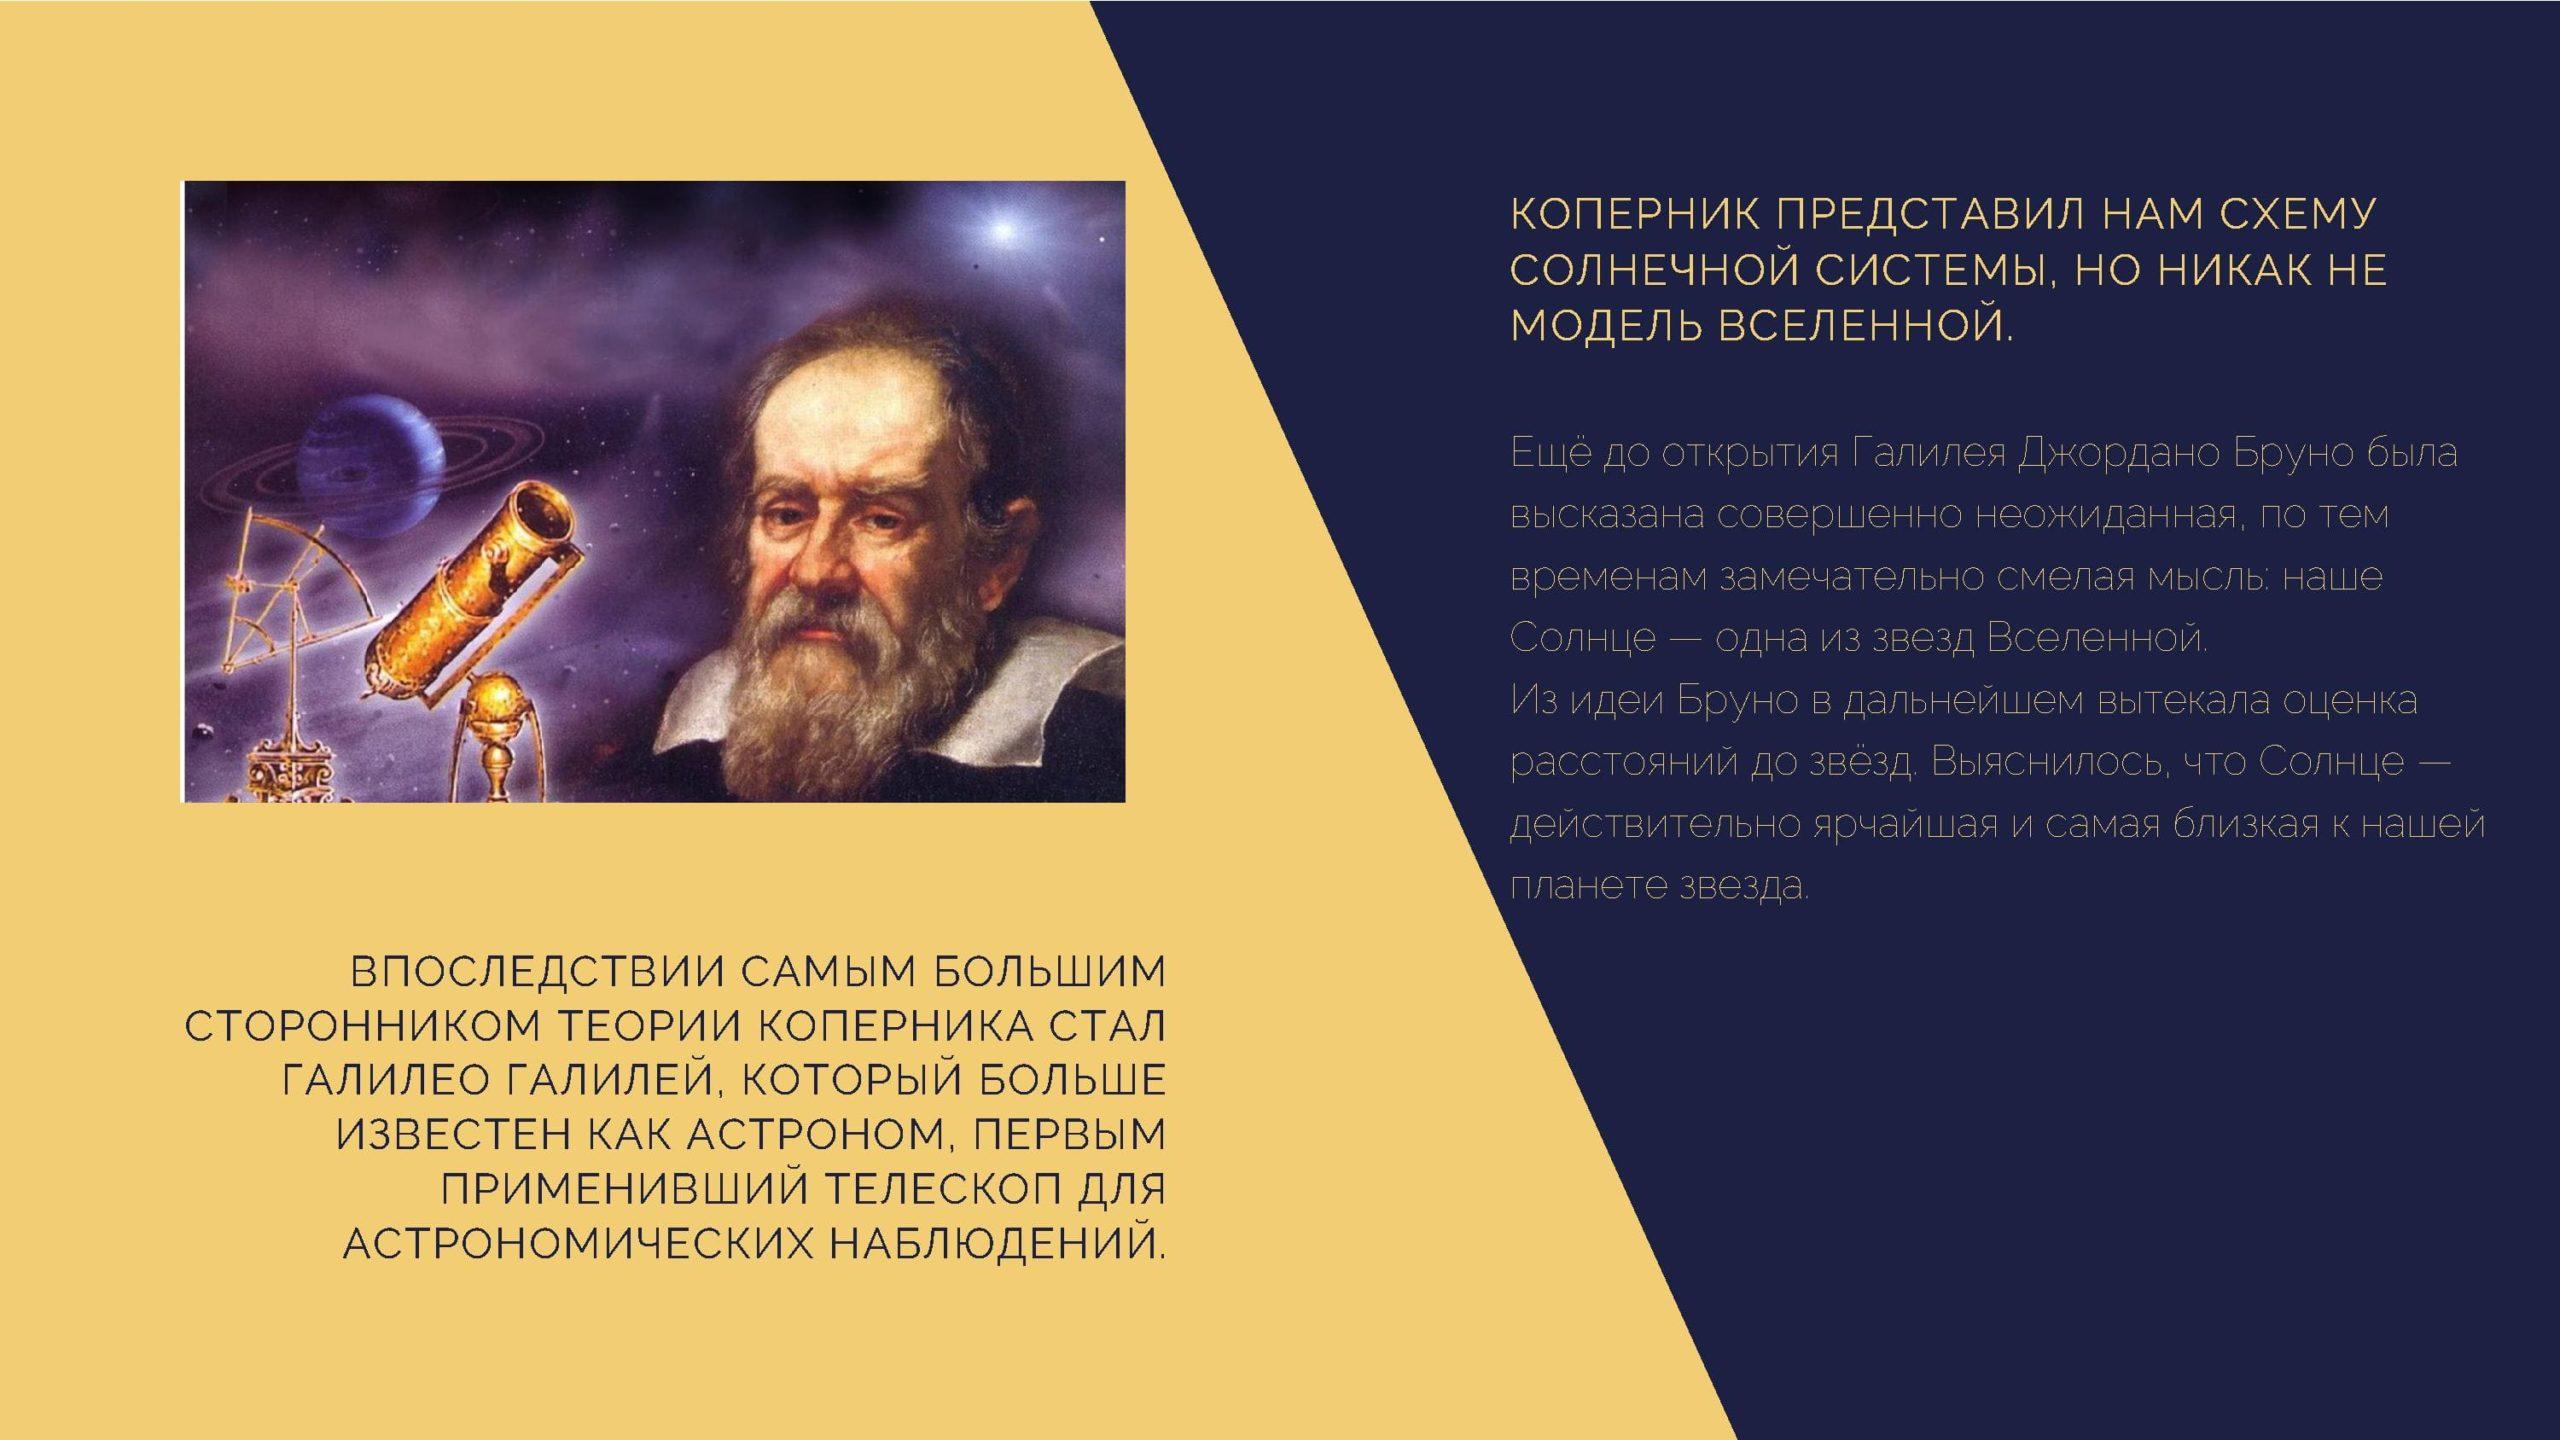 Коперник представил нам схему Солнечной систем